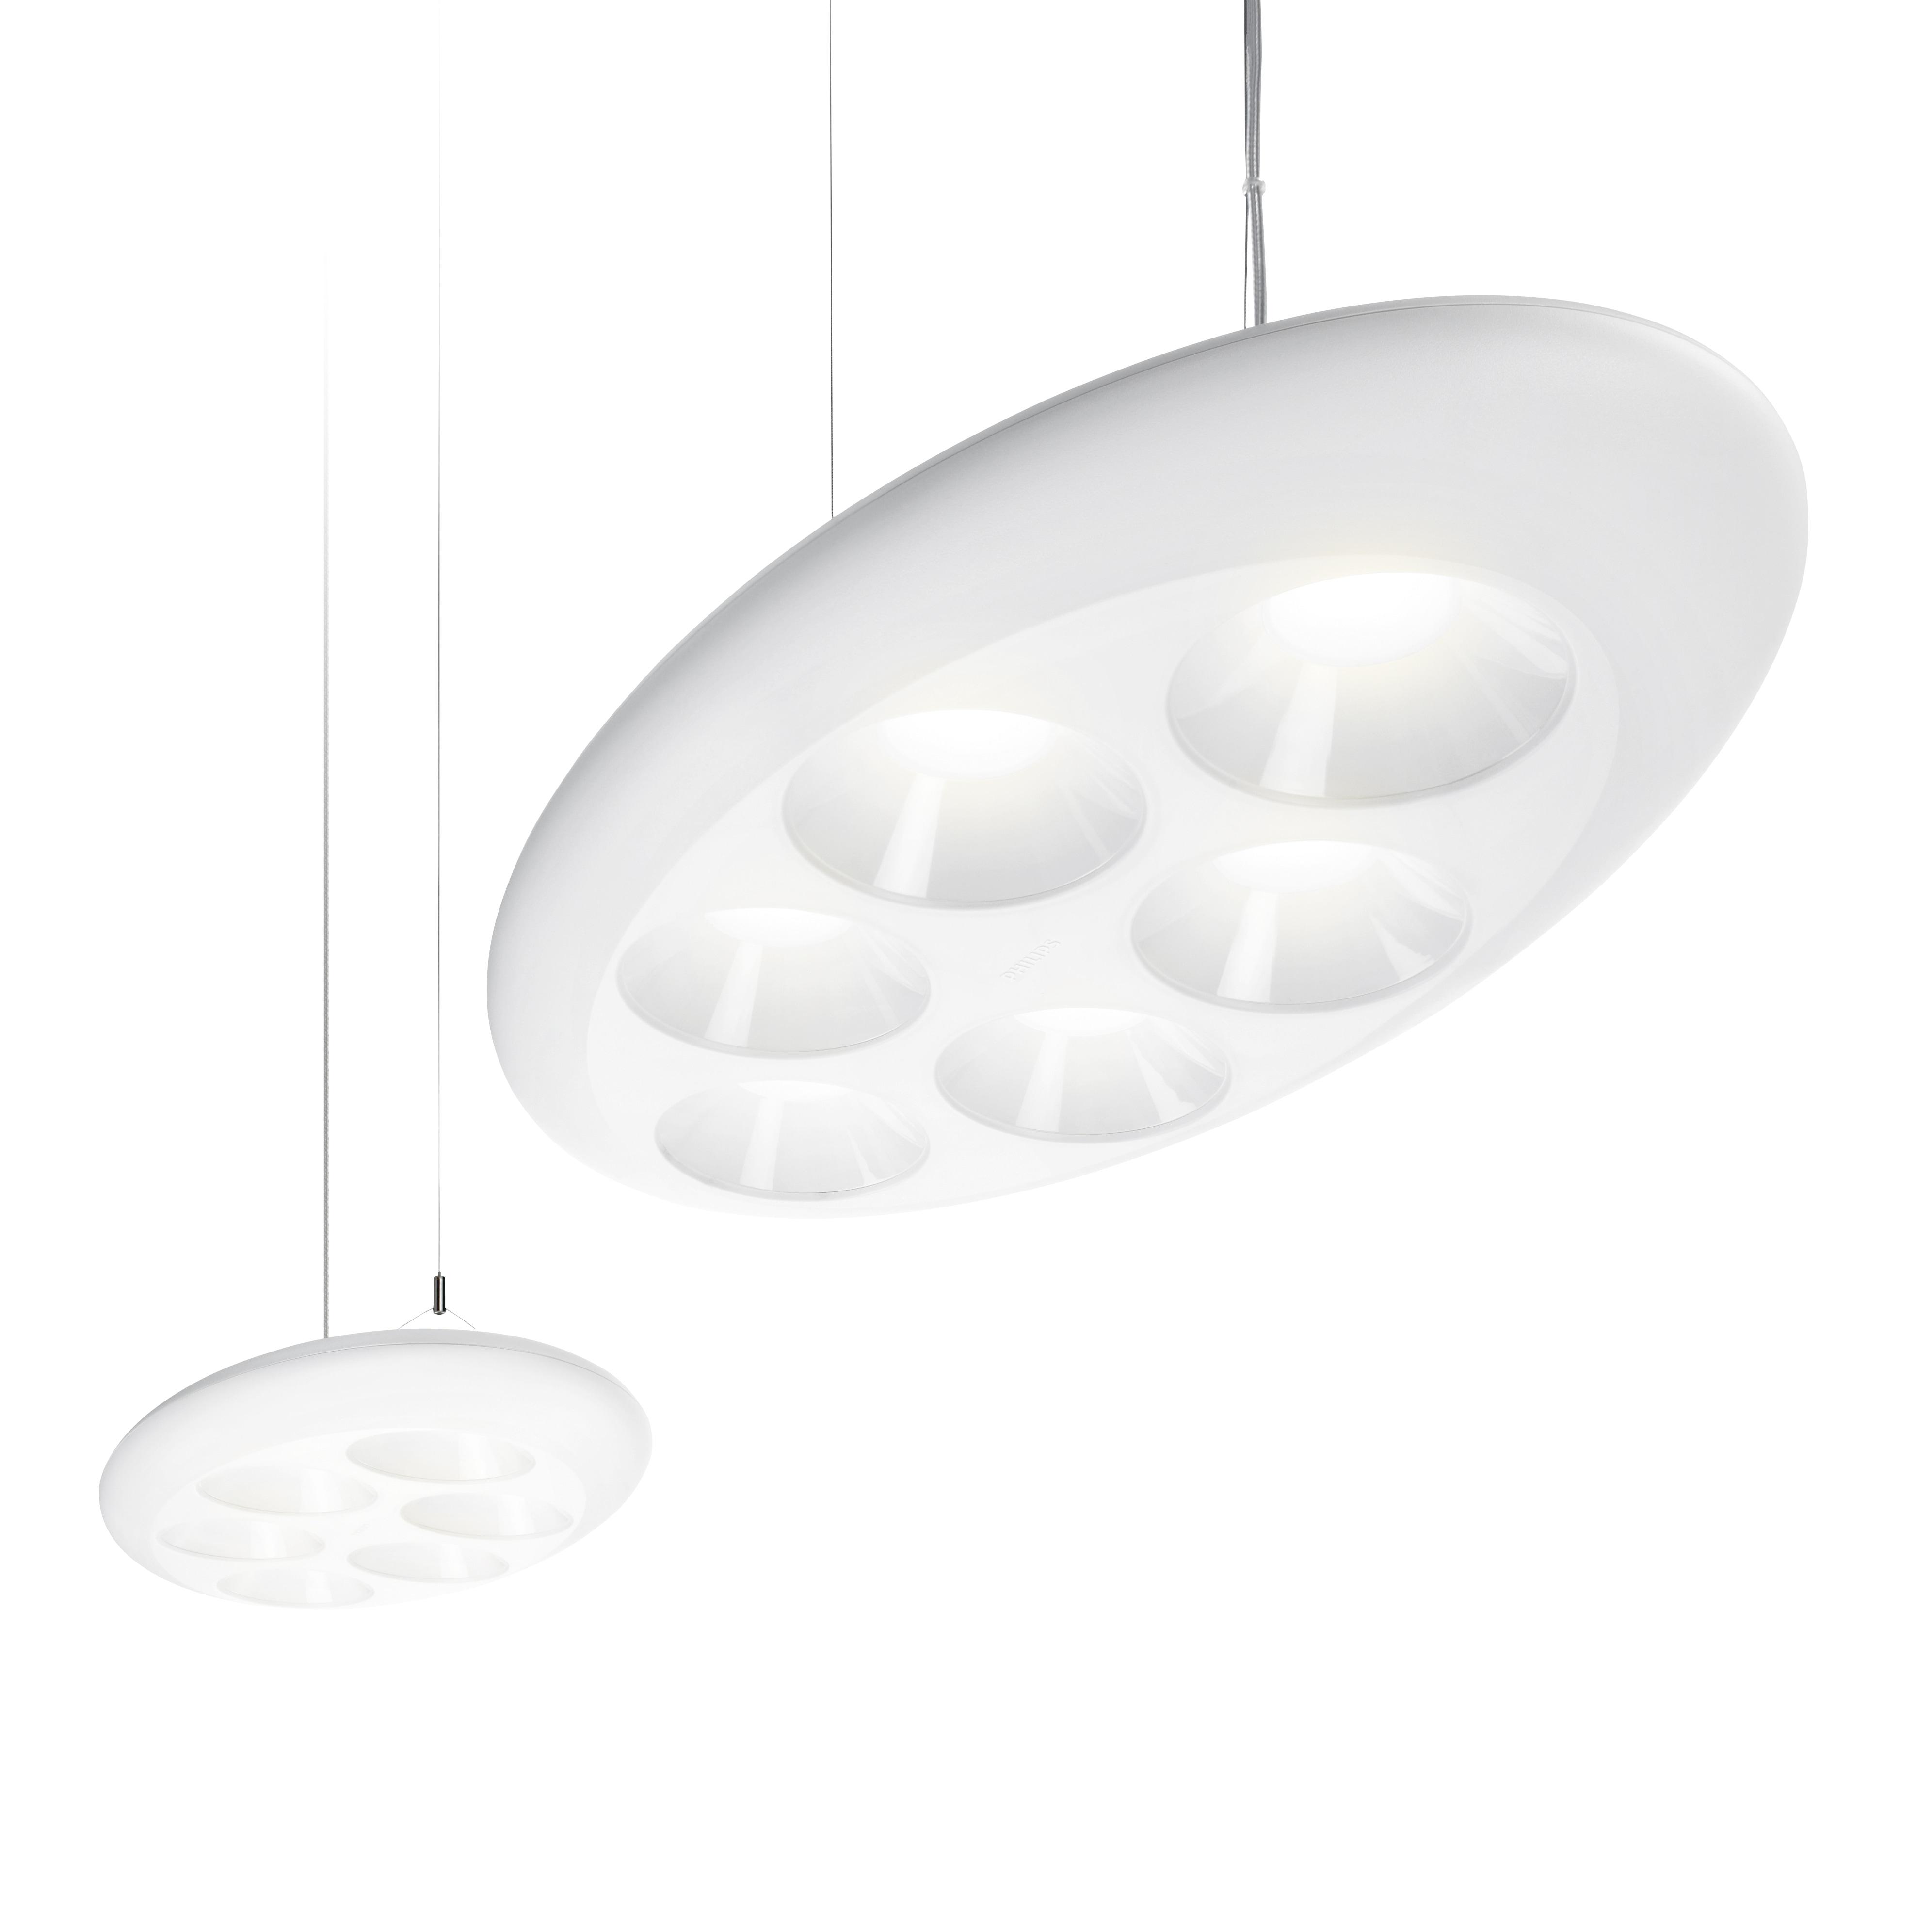 Philips pr sentiert innovative lichtl sungen f r b roarbeitspl tze - Gloeilamp tizio lamp ...